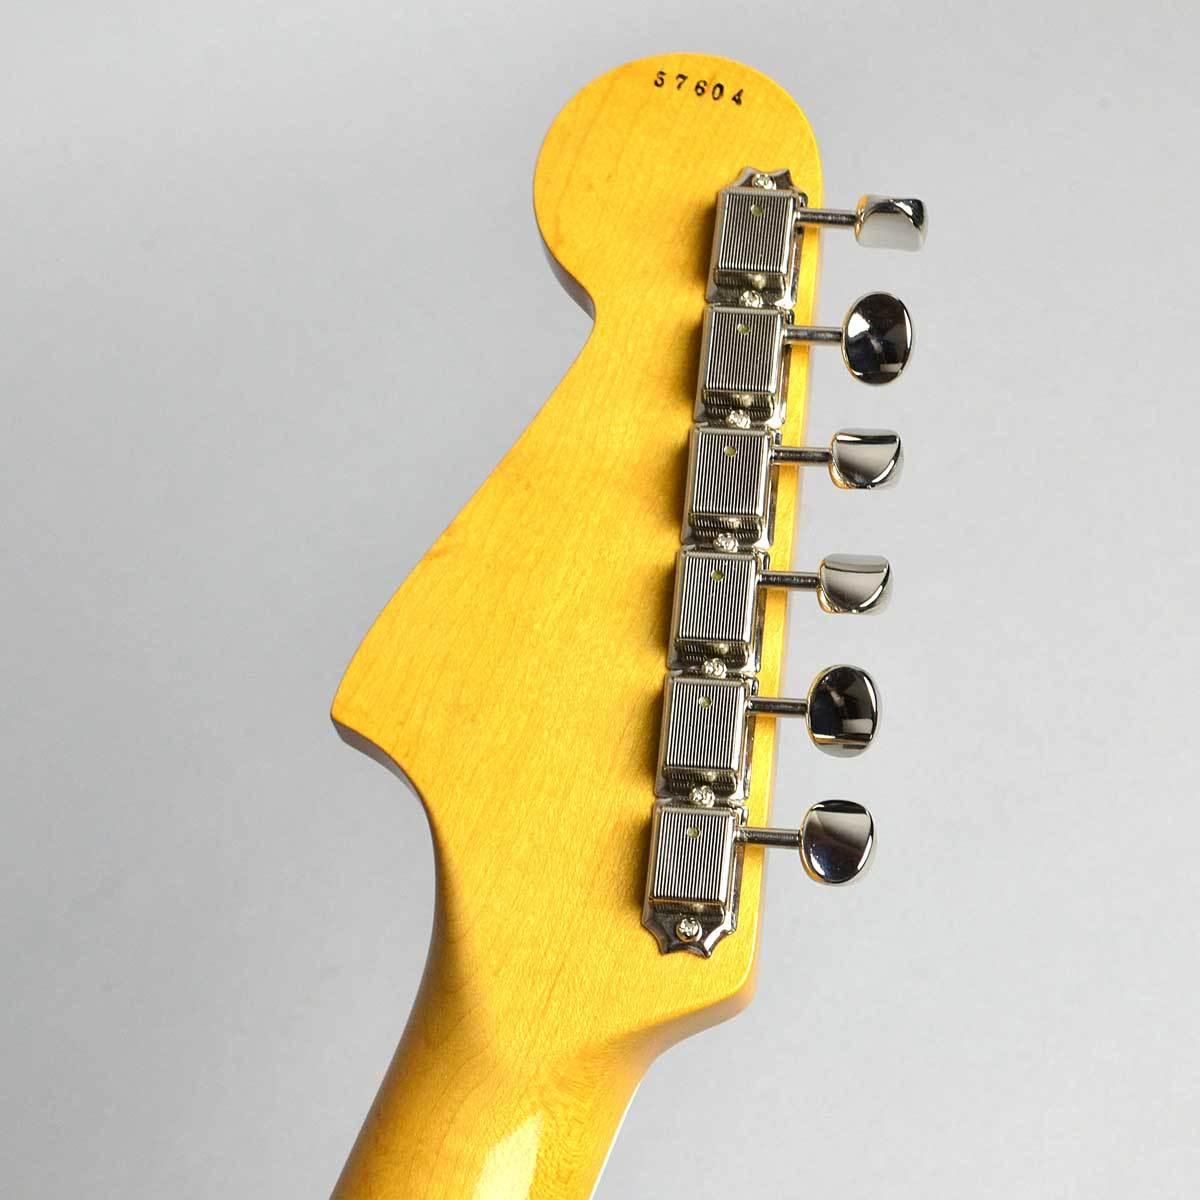 JM-Limitedのヘッド裏-アップ画像